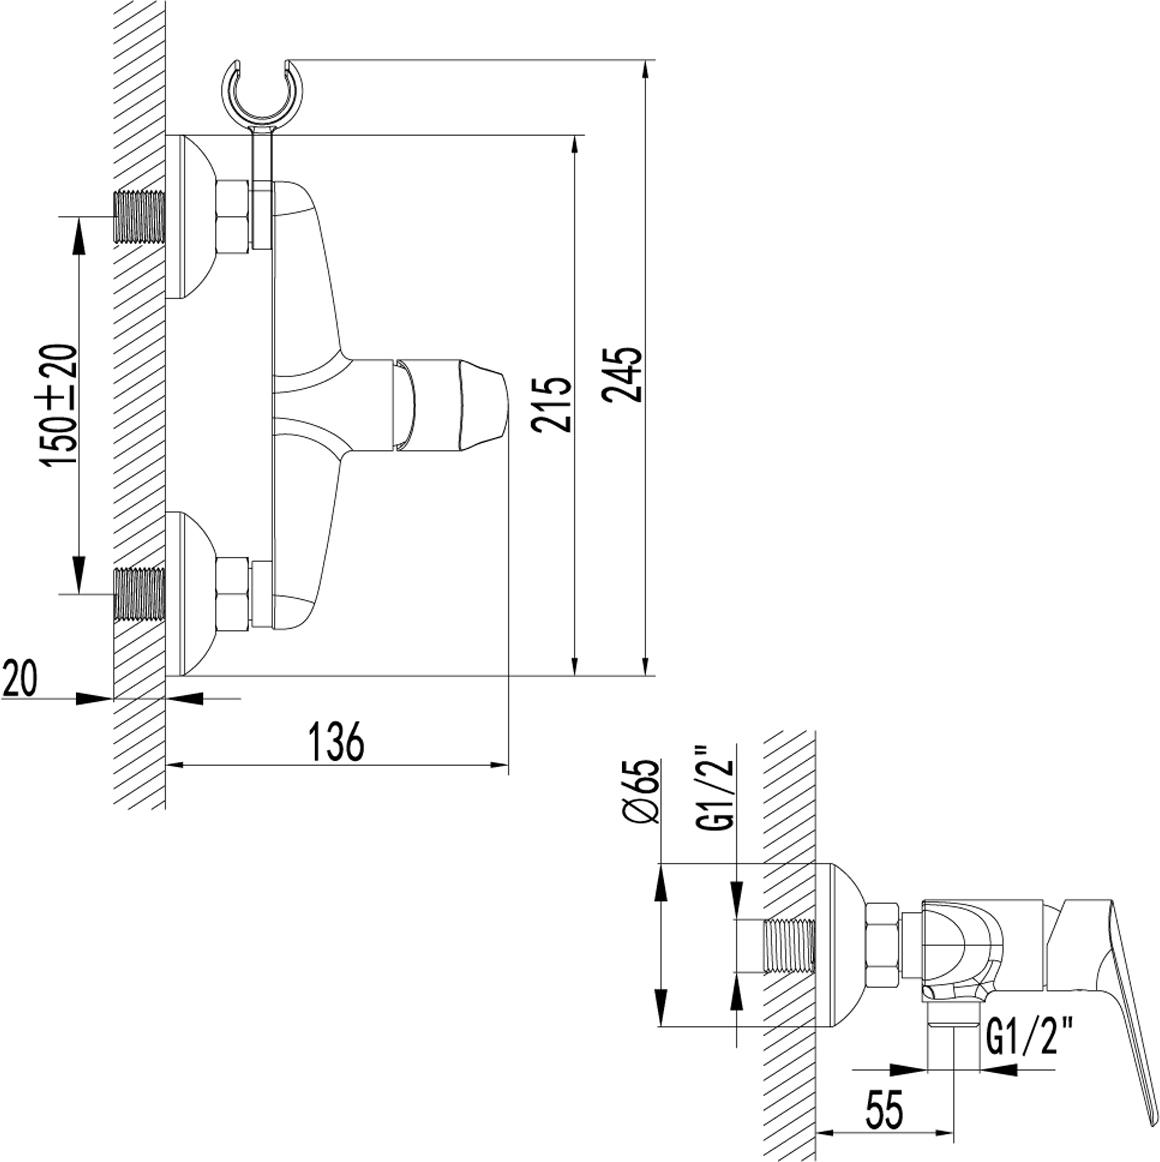 Серия PARTNER.Комплектация:Керамический картридж 25 ммАксессуары в комплекте: шланг 1,5 м, 1-функциональная лейка O66 ммМеталлическая рукоятка